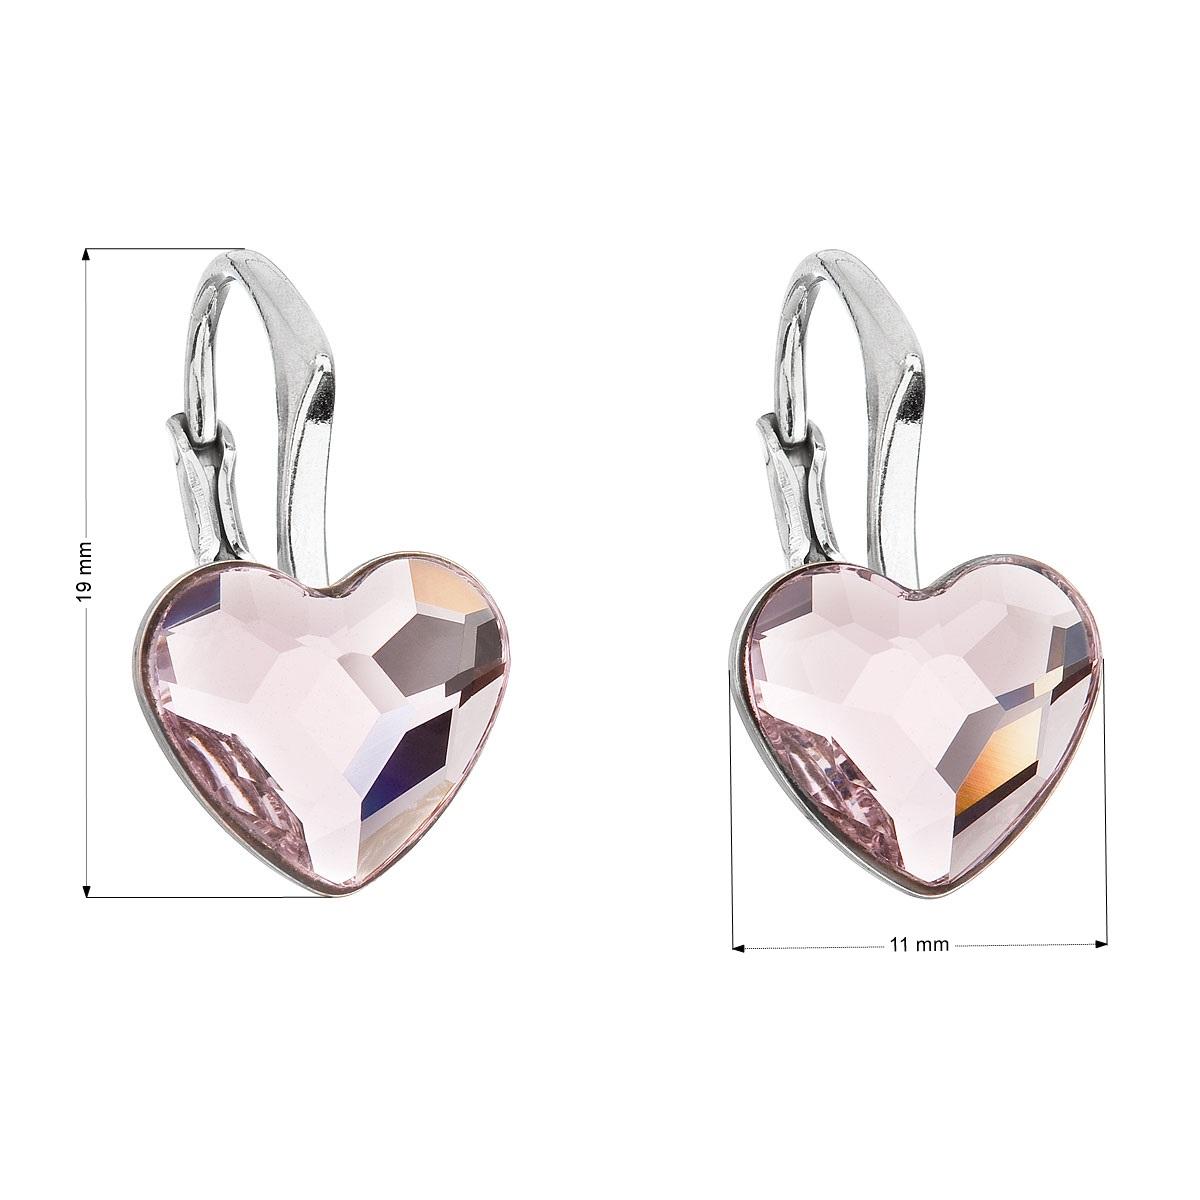 Evolution Group Stříbrné náušnice visací s krystaly Swarovski růžové srdce 31240.3